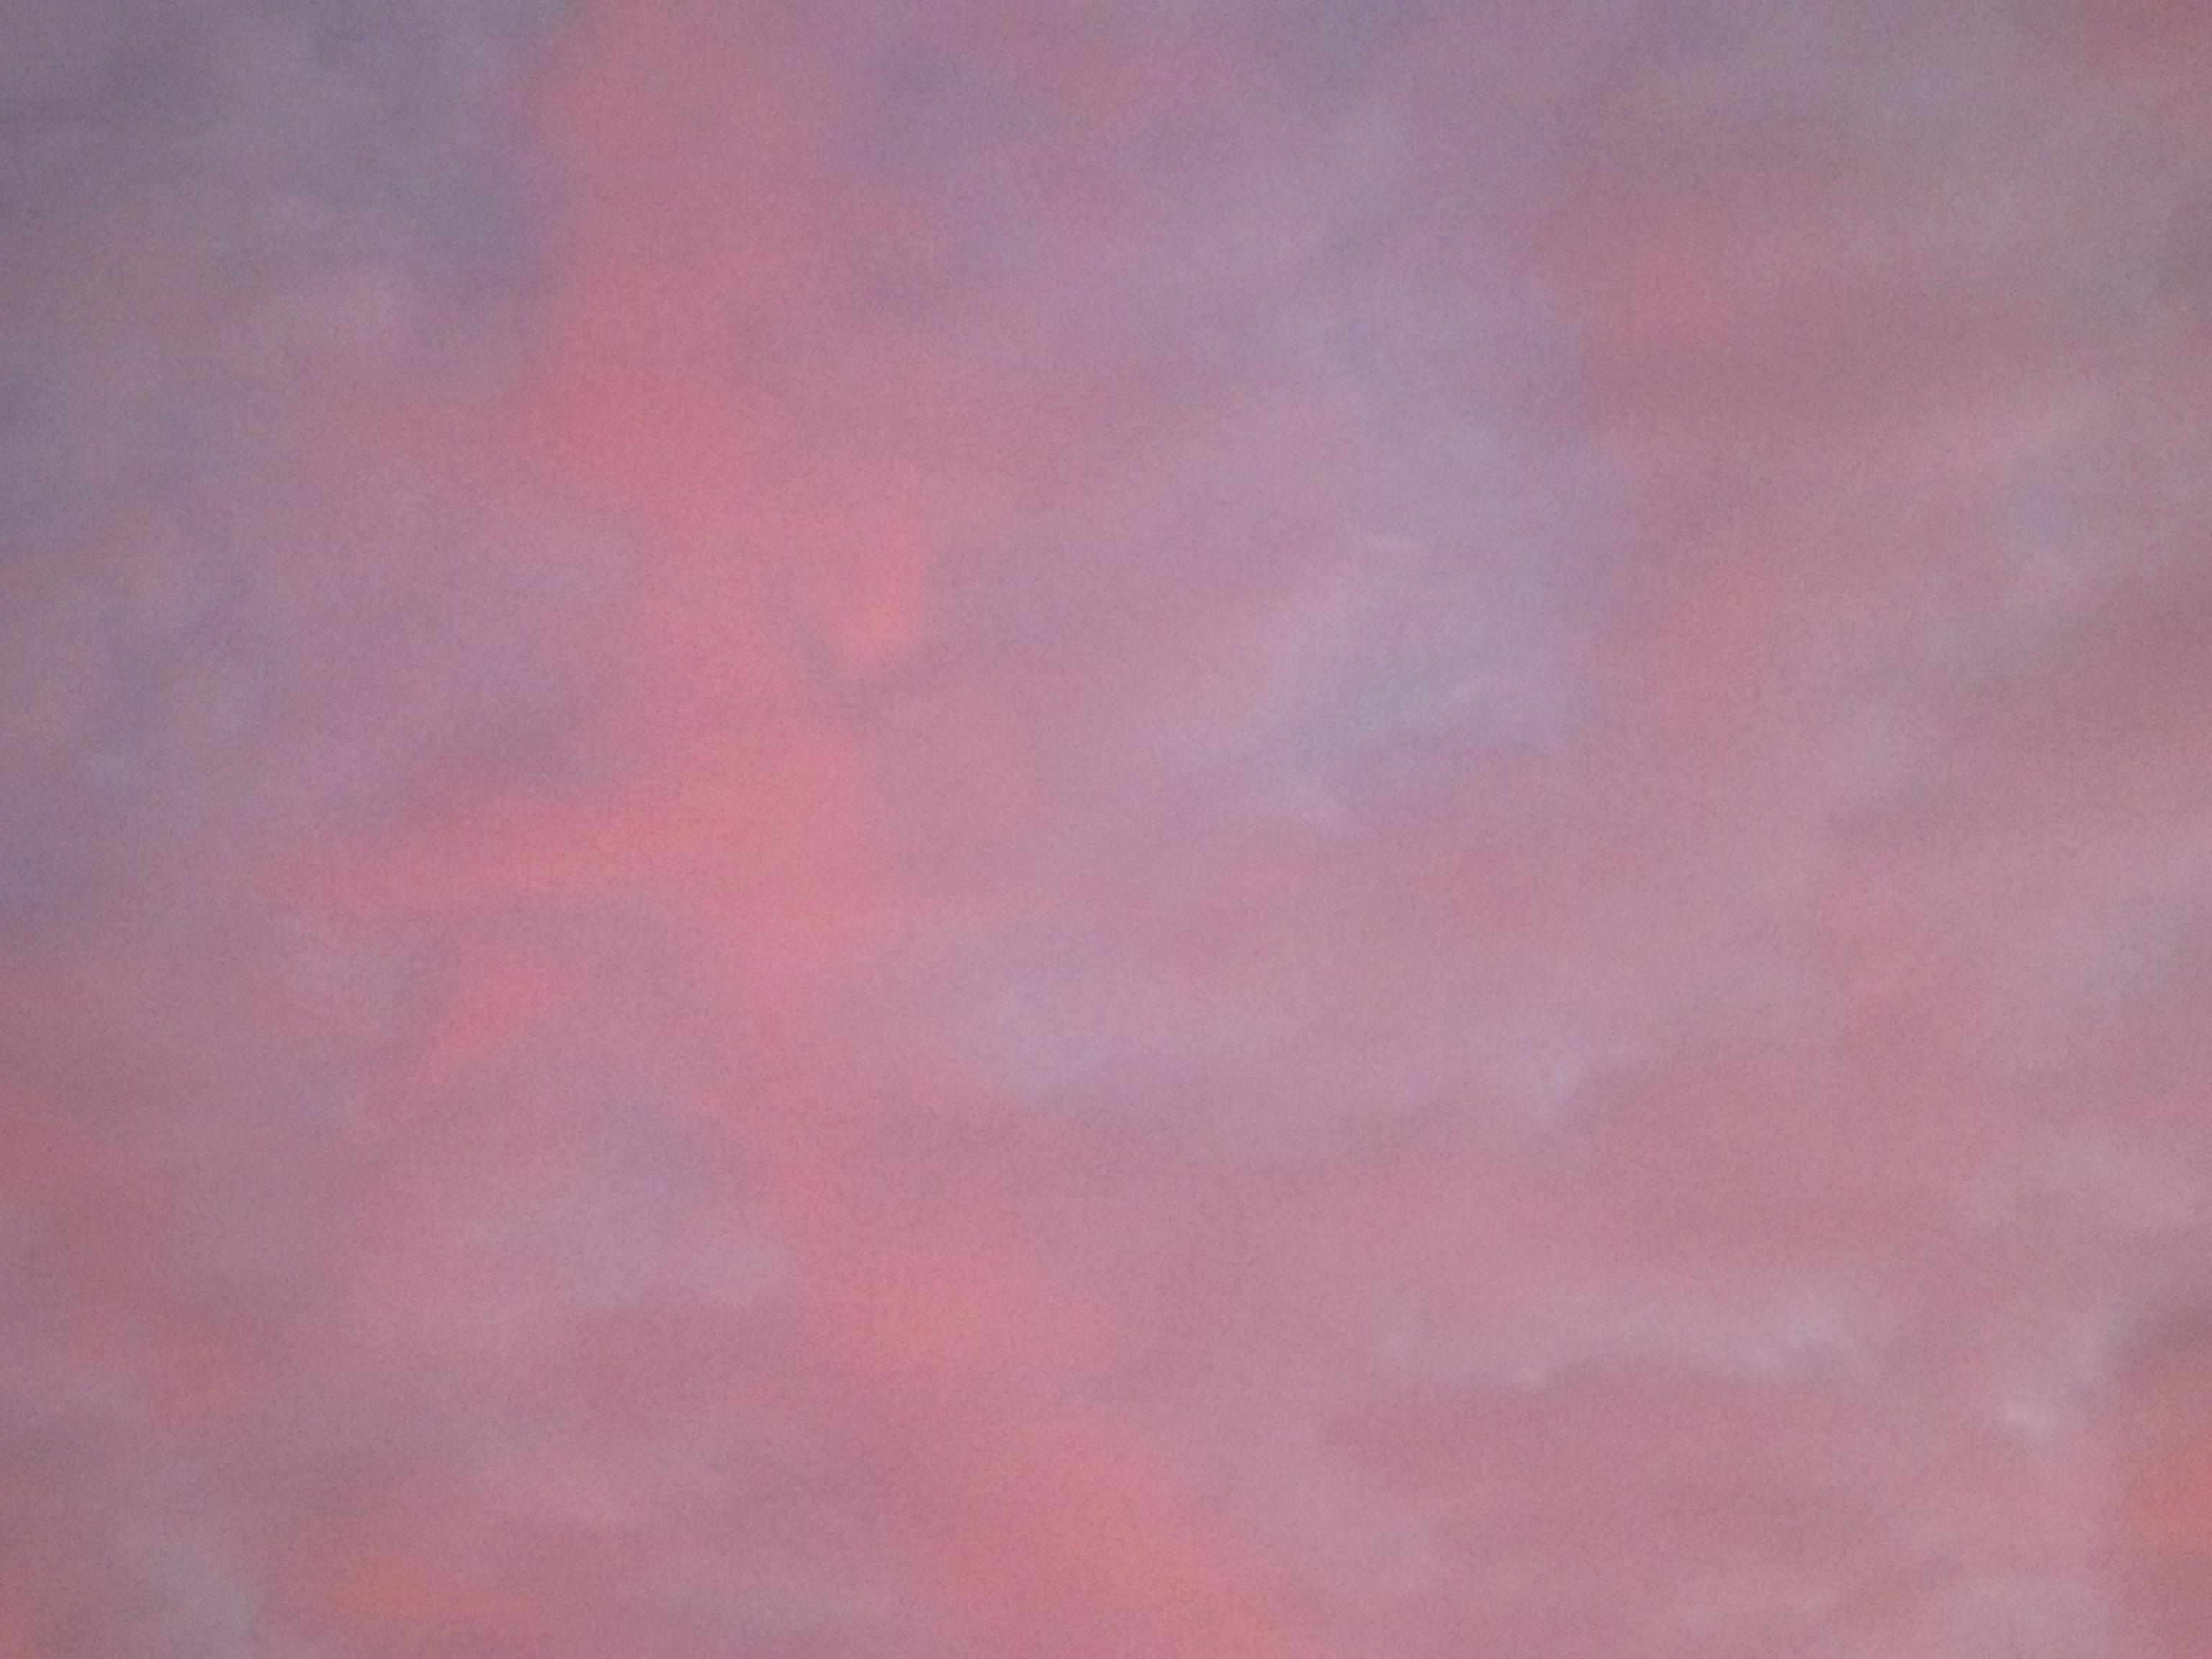 8043-himmel-mit-ein-paar-wolken-blau-lila-rosa